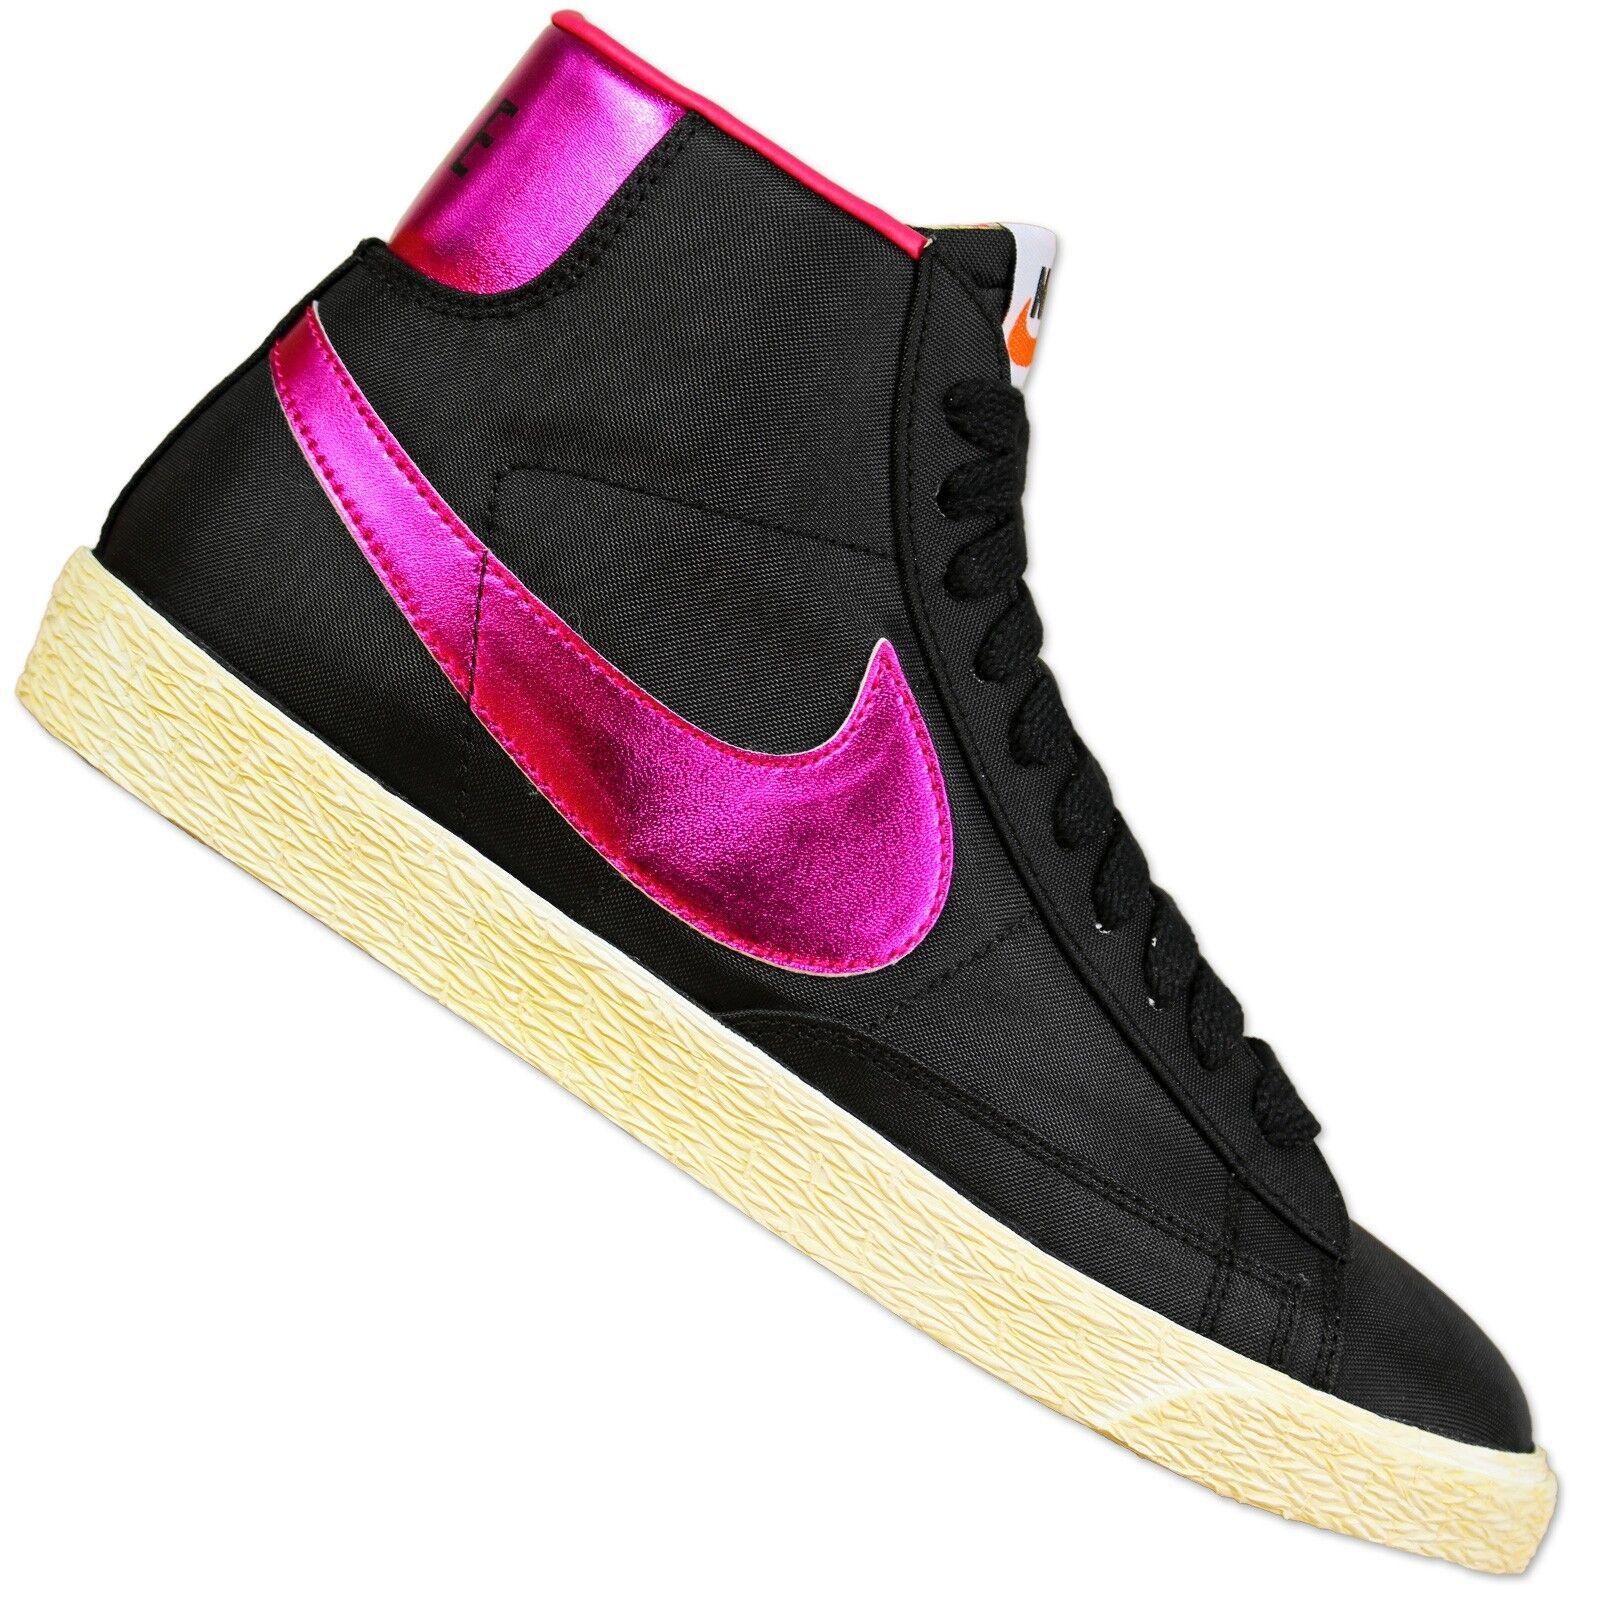 Nike Women's Blazer High Vintage shoes Shiny Old School Sneaker Black Purple